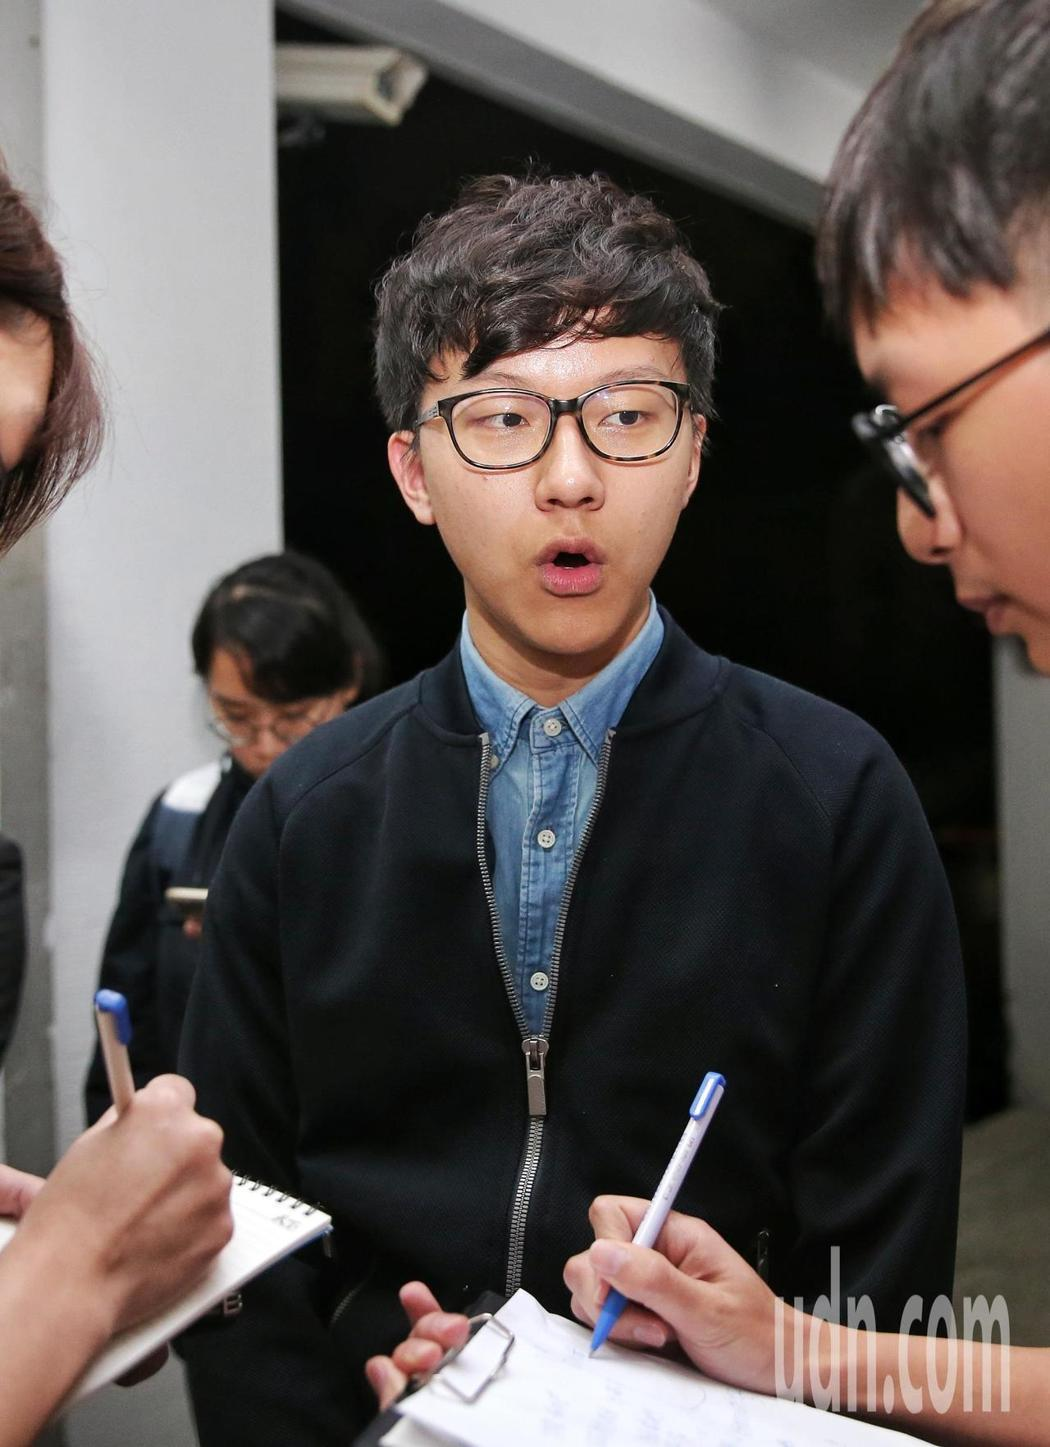 台大學生會長林彥廷。記者鄭清元/攝影